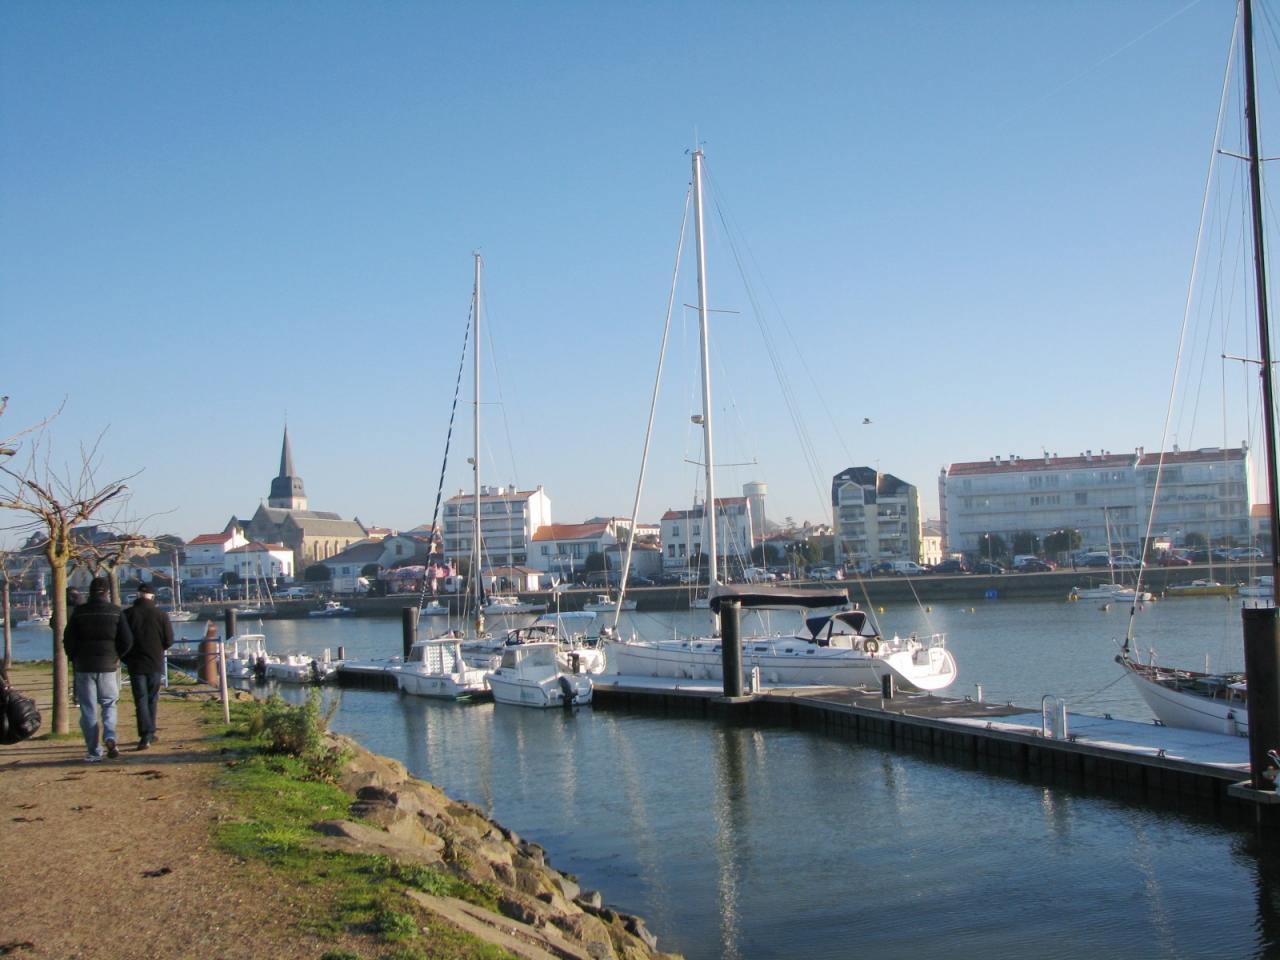 Saint-Gilles-Croix-de-Vie (Vendée)